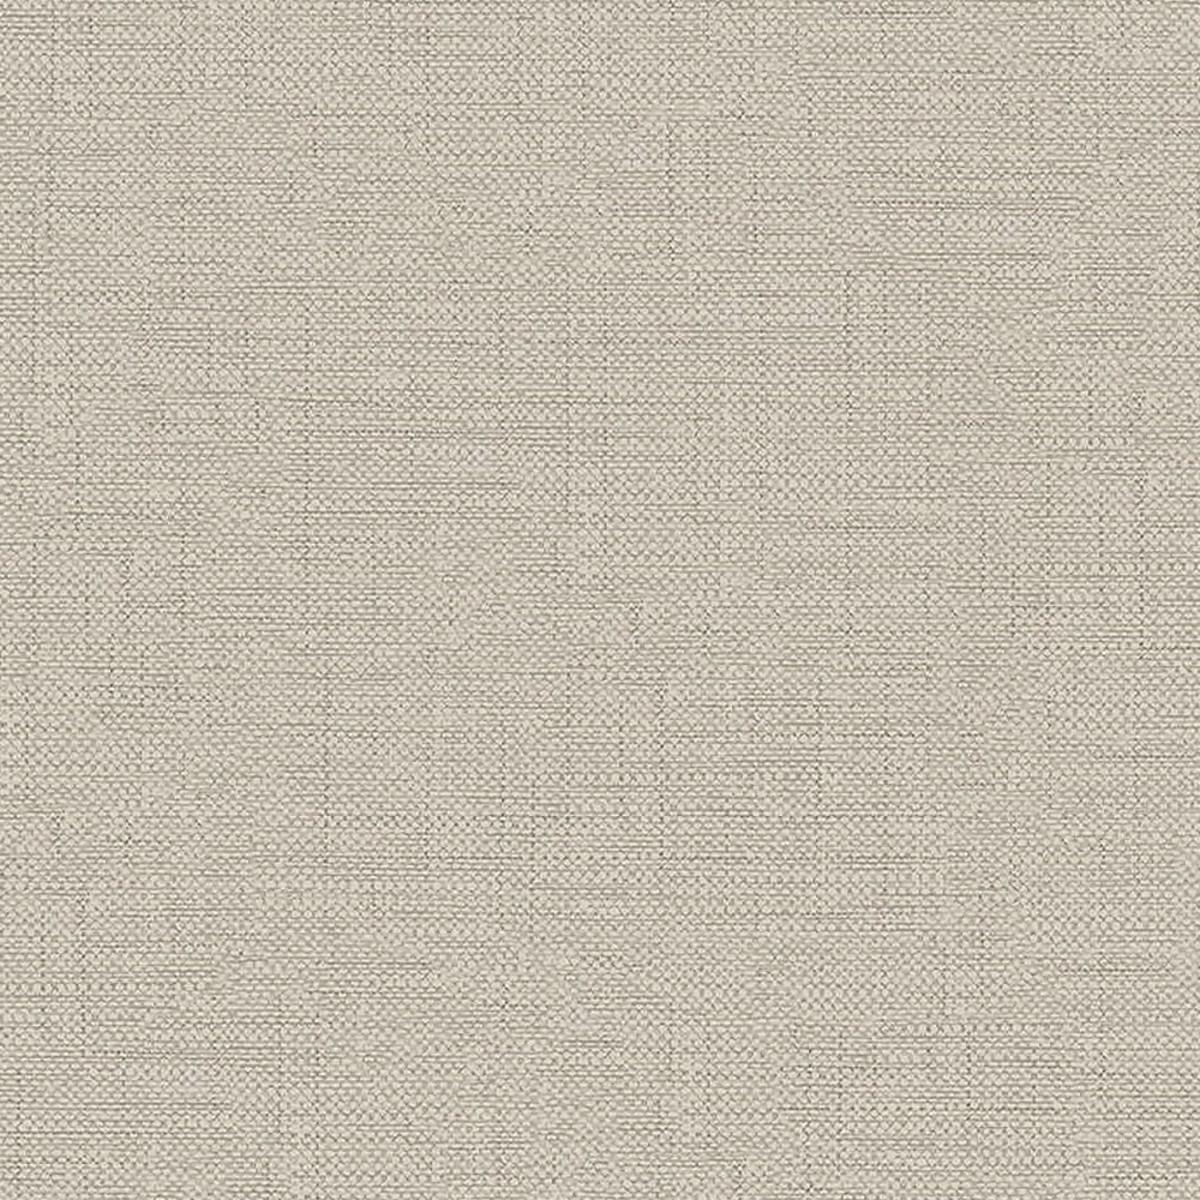 Обои виниловые Gaenari серые 1.06 м 87405-4